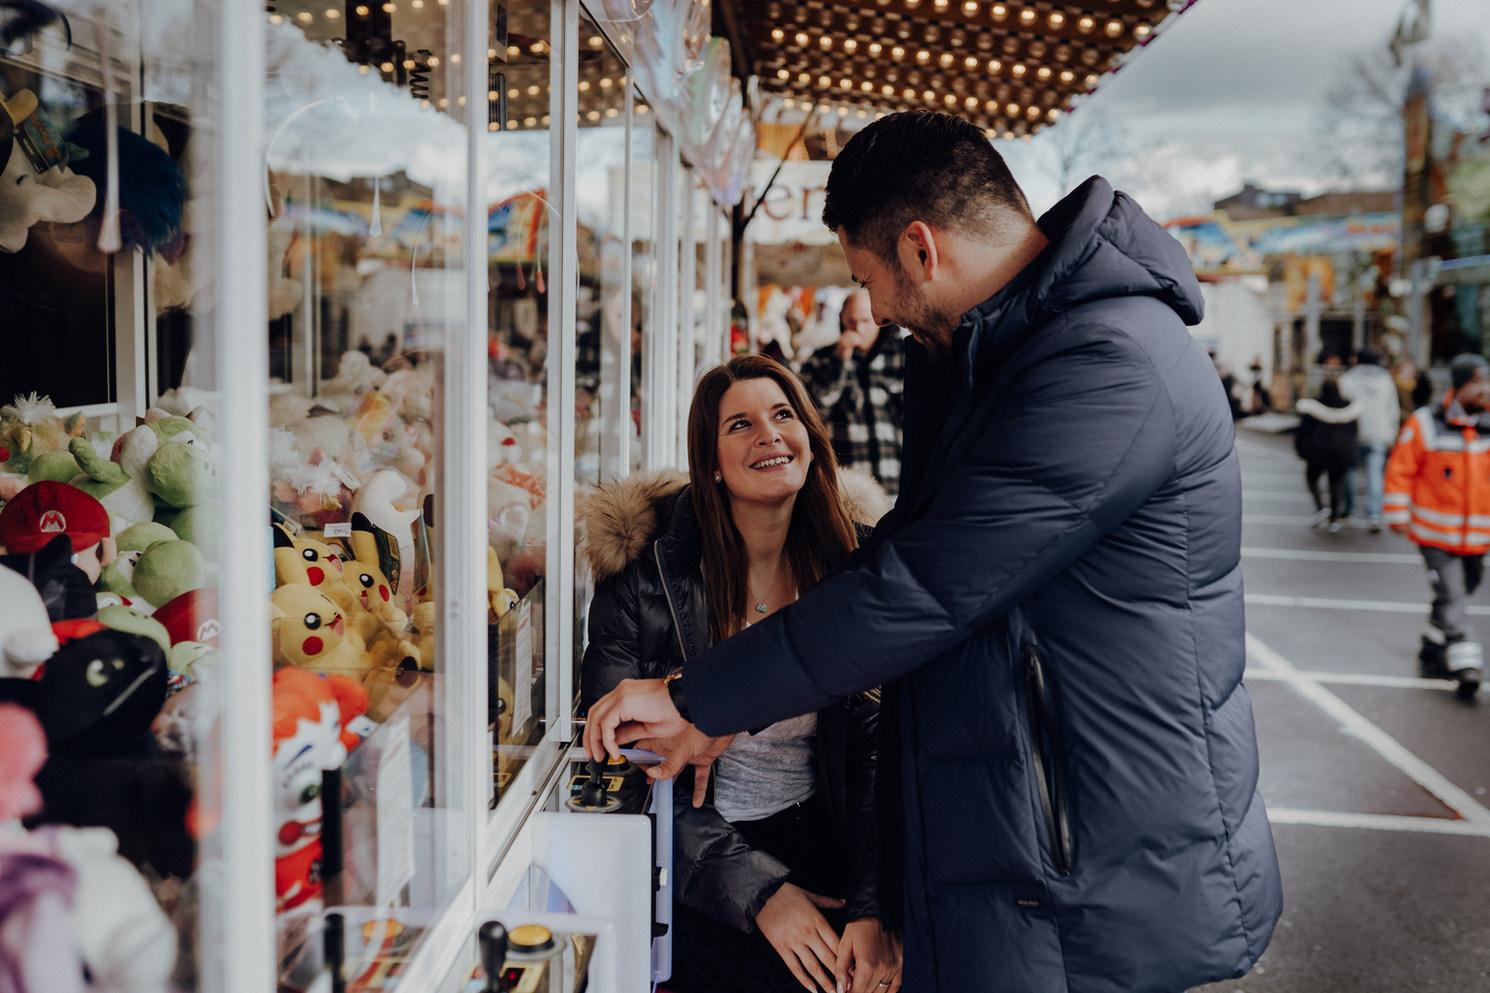 Gelnhausen | Langenselbold | Dippemess | Barbarossamarkt | Pärchen | Pärchenfotos | Fotoshooting | Hochzeit